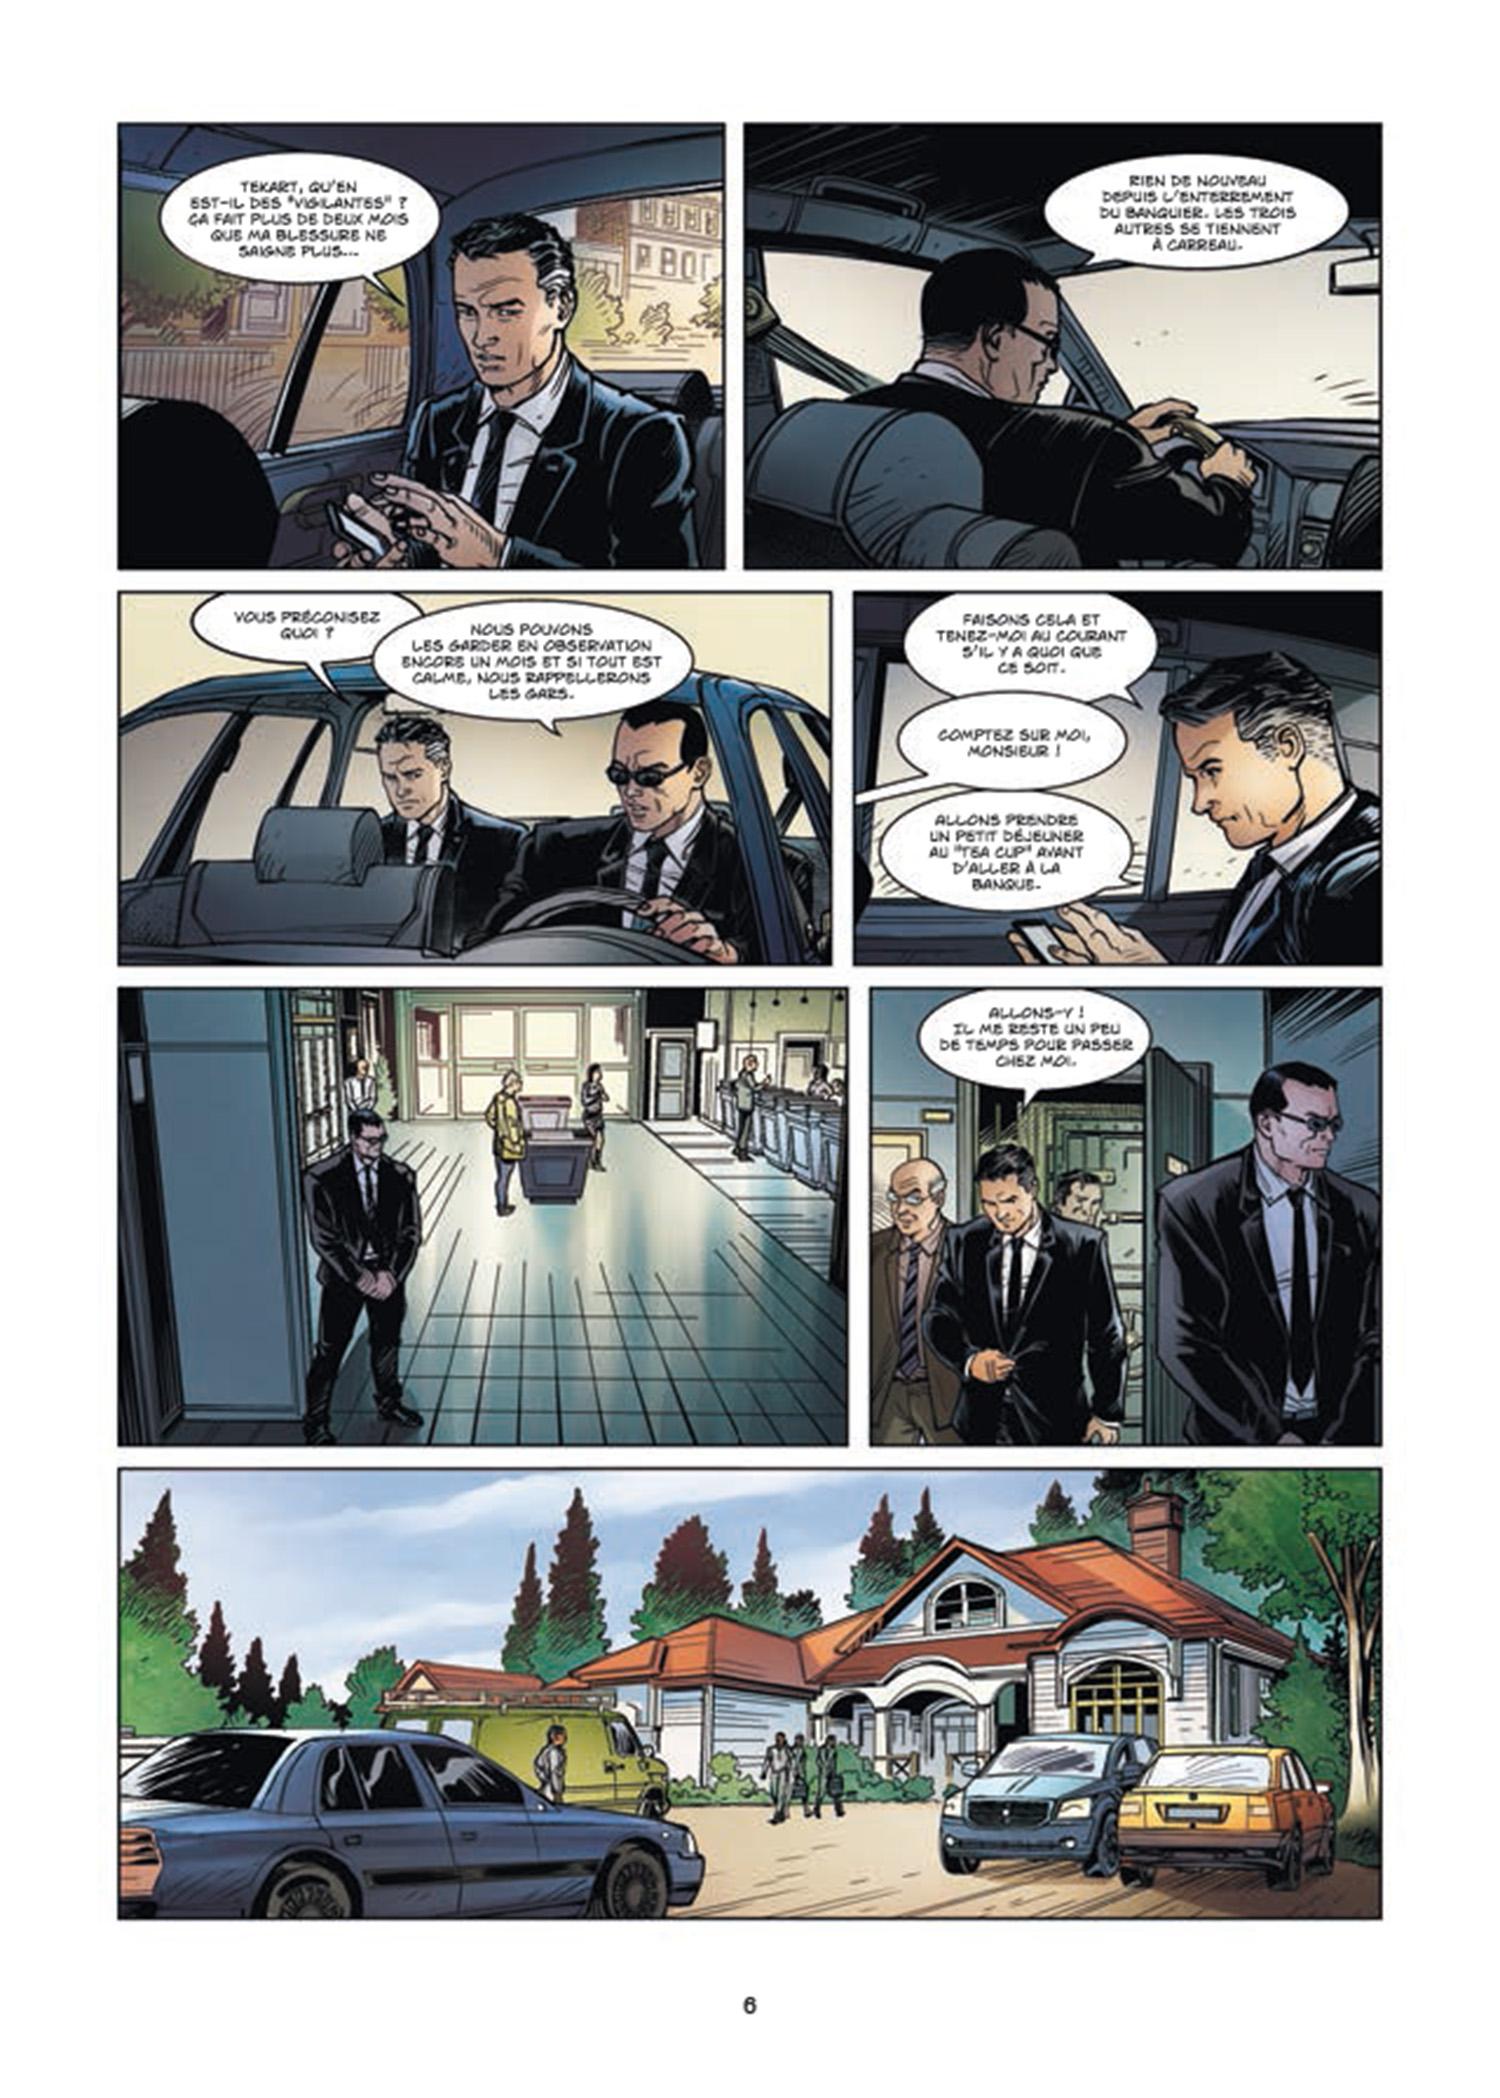 Vigilantes T4.indd